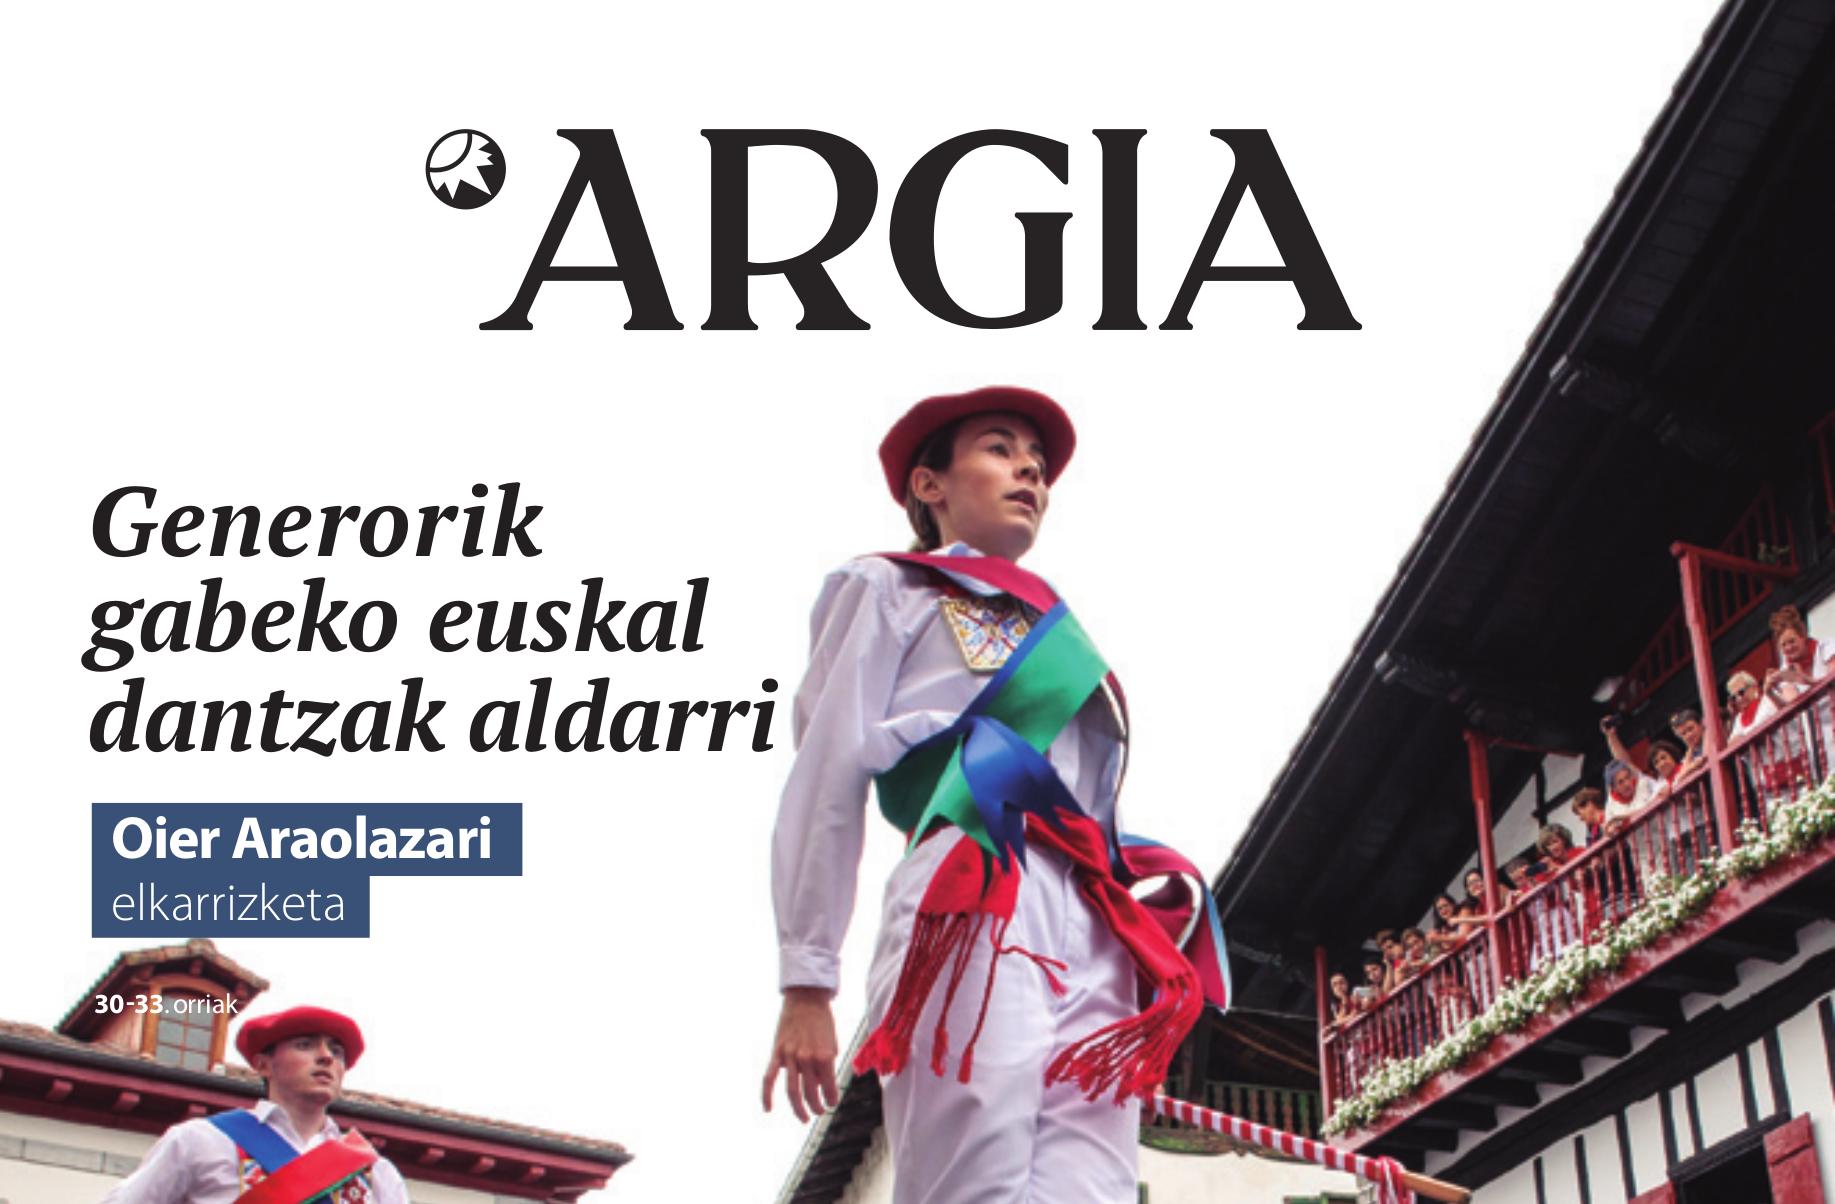 Euskal dantza eta genero-identitateaz elkarrizketa Argian